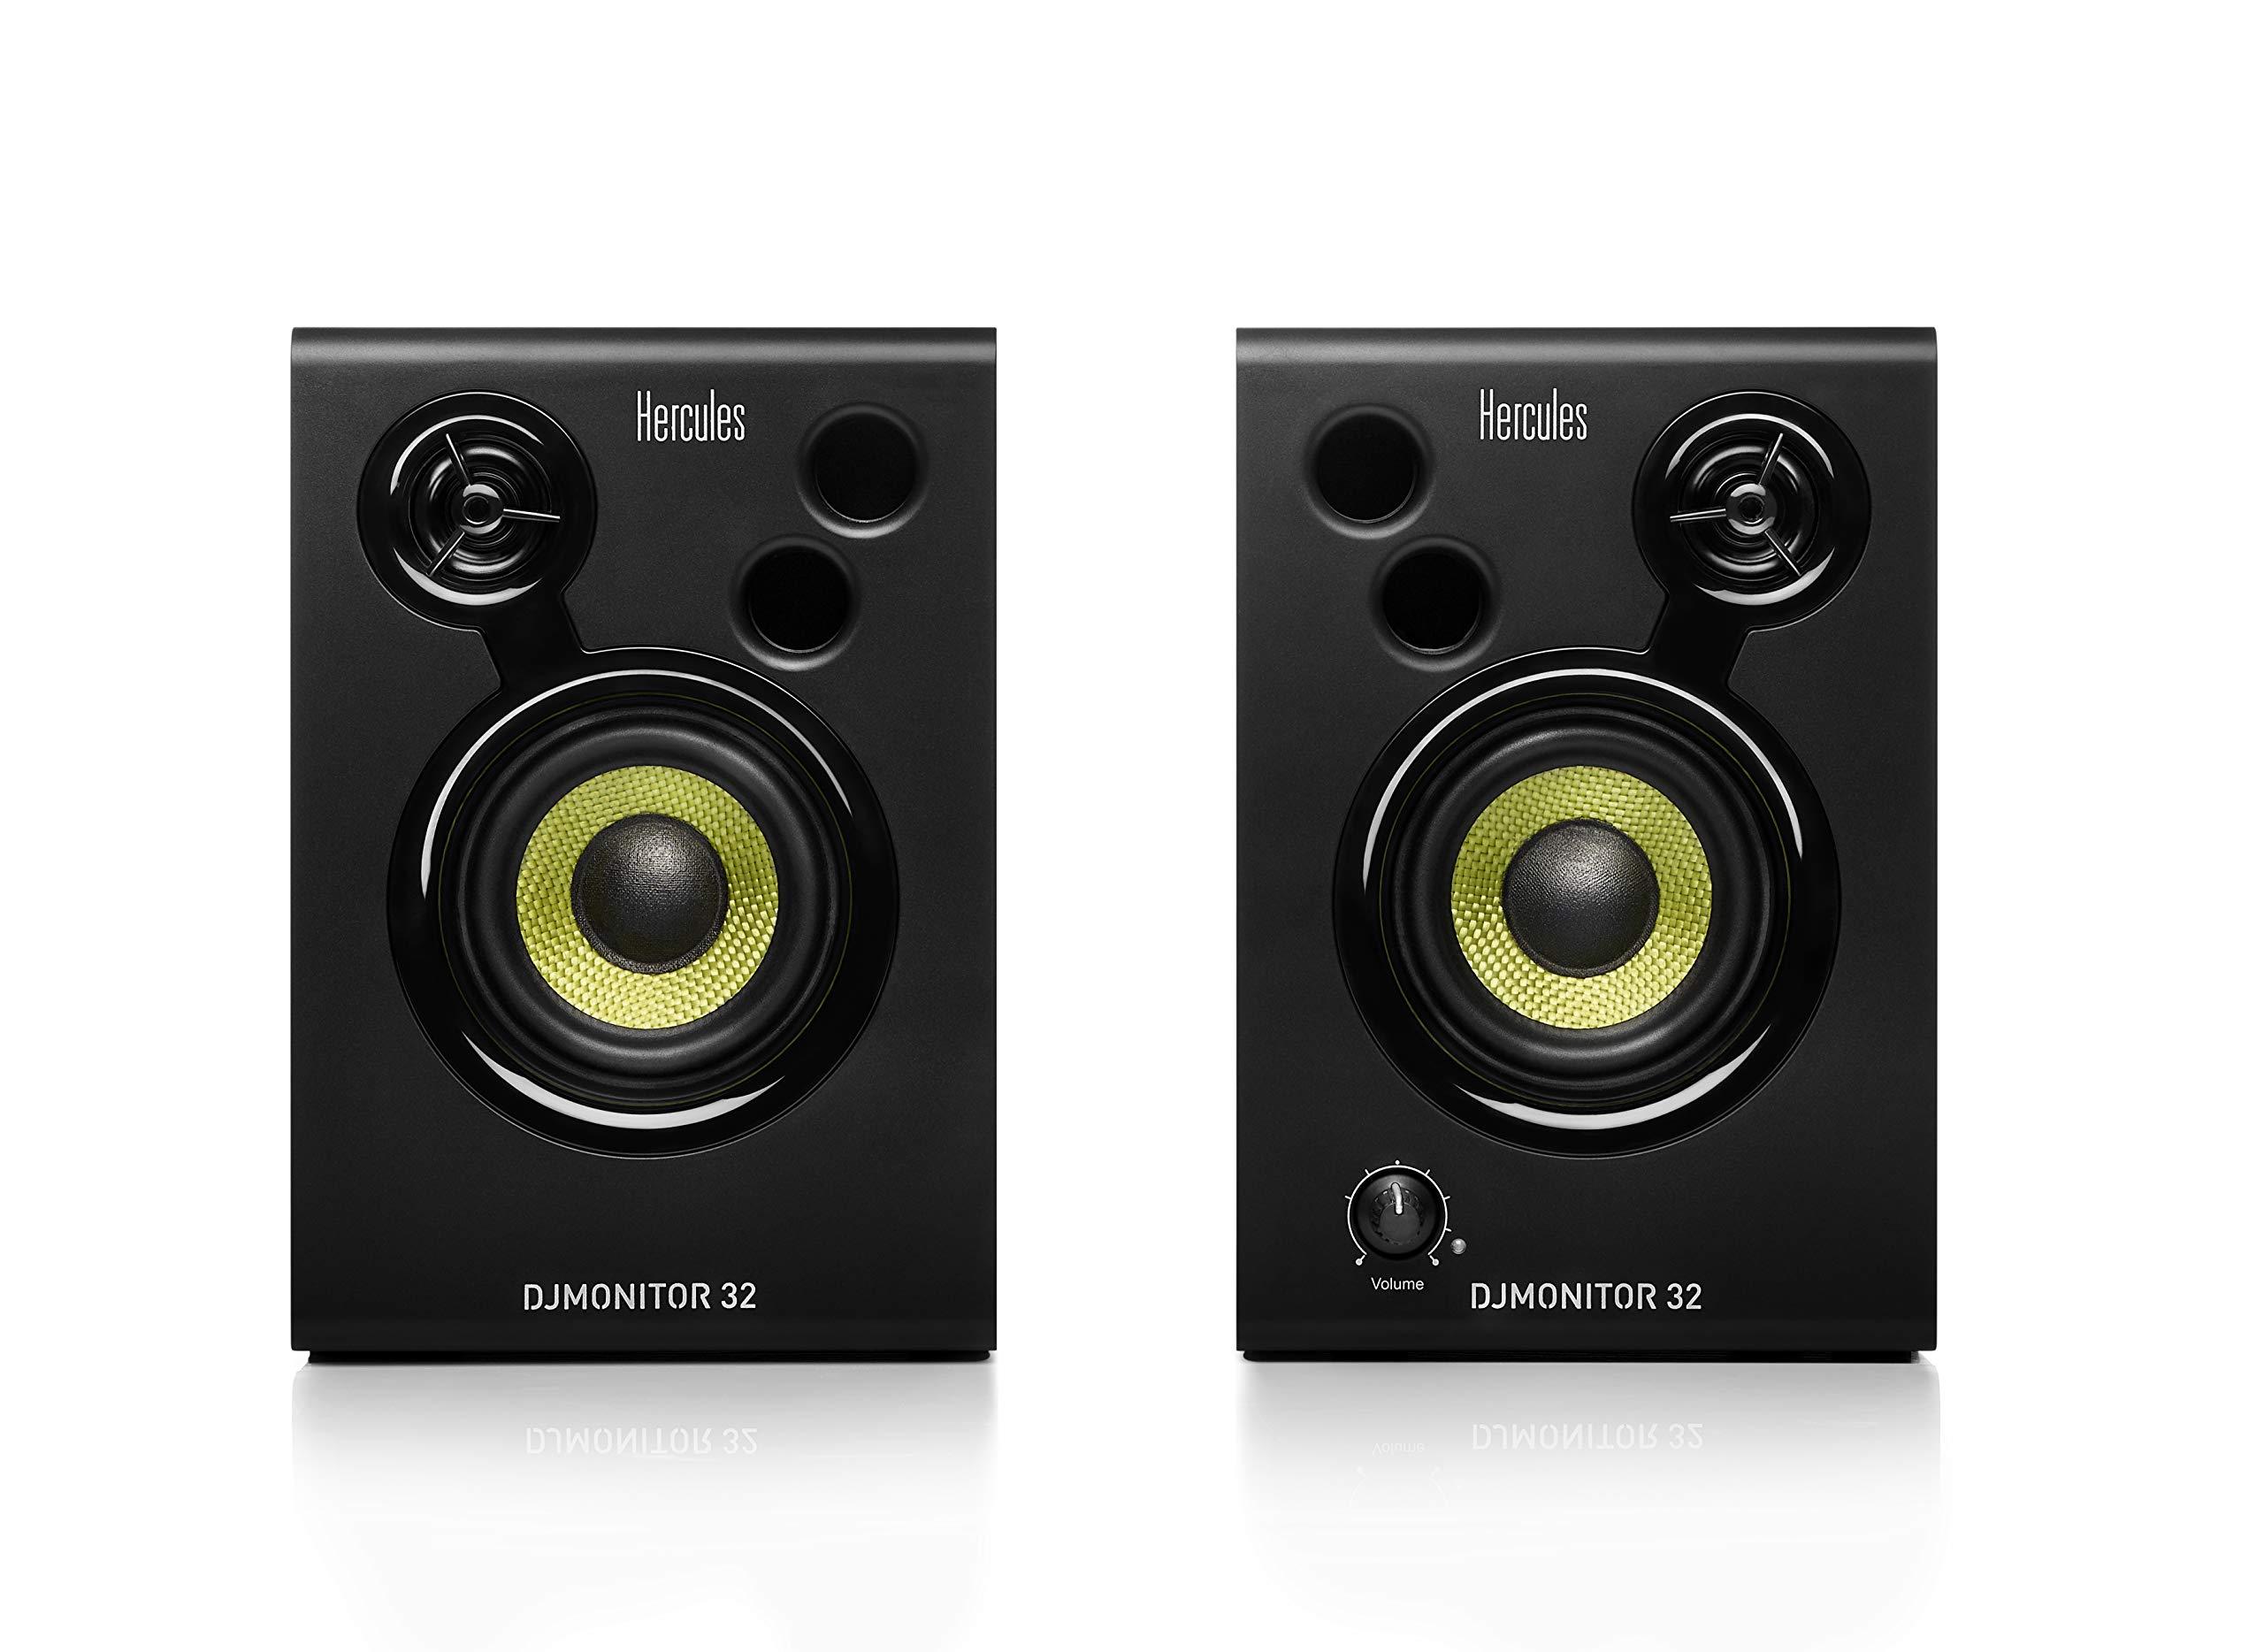 Hercules DJ MONITOR 32 by Hercules DJ